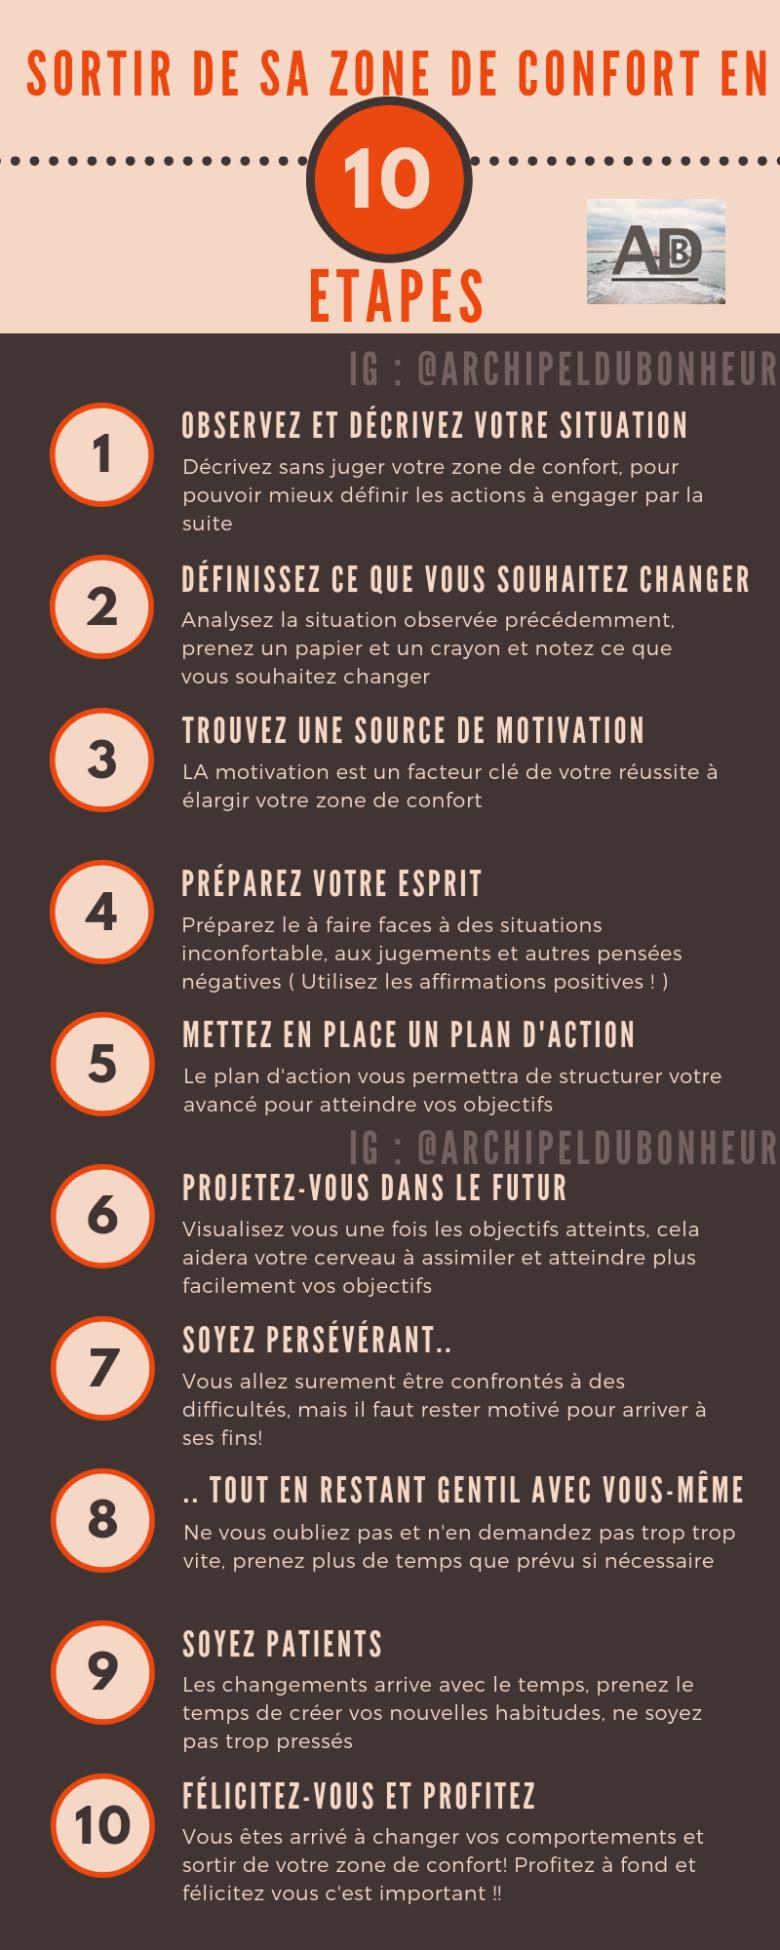 10 etapes pour sortir de sa zone de confort